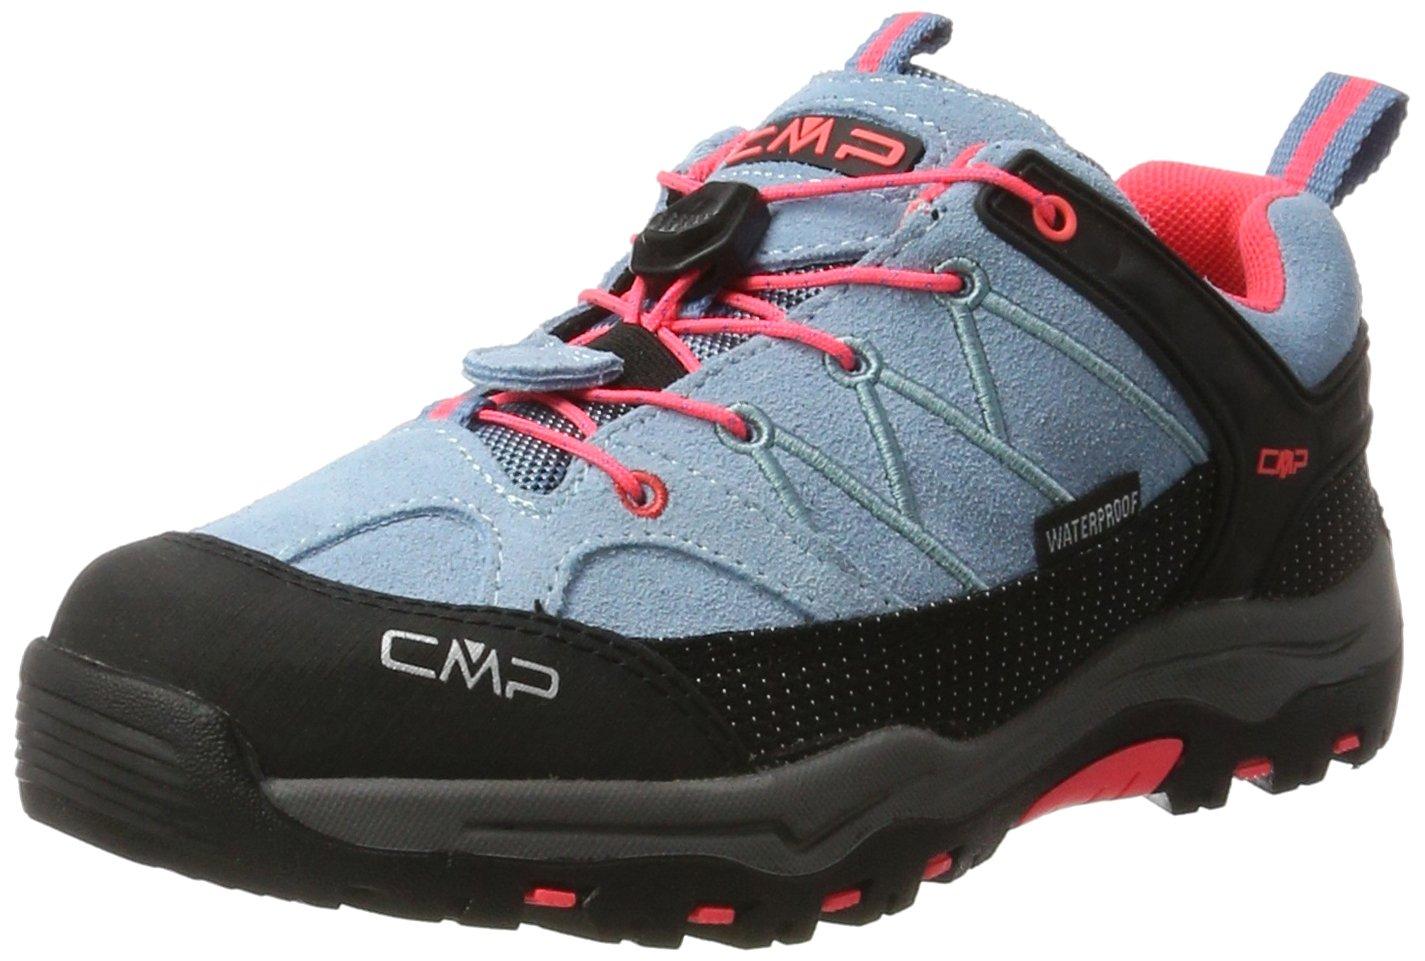 CMP Unisex-Erwachsene Rigel Niedrig Wp-3Q13244 Trekking- Fluo) & Wanderschuhe, Türkis (Clorophilla-ROT Fluo) Trekking- 5f2bee